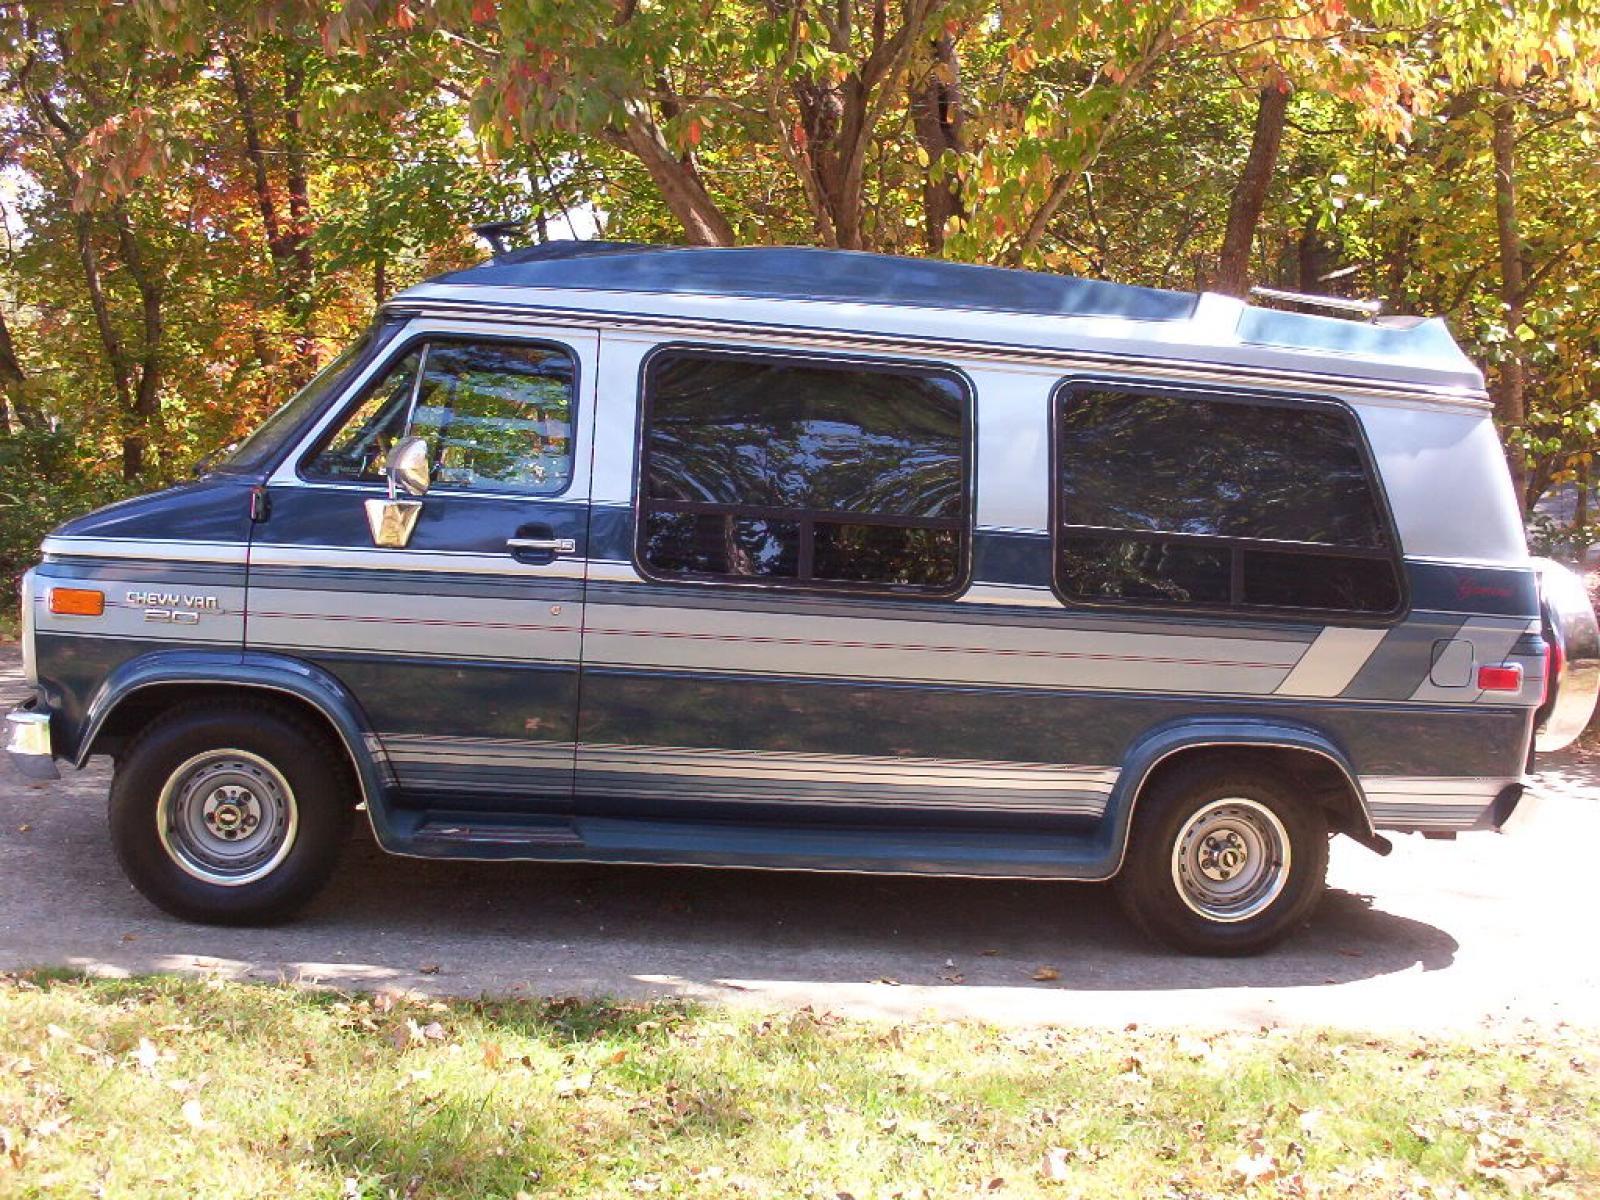 800 1024 1280 1600 origin 1991 Chevrolet Chevy Van ...